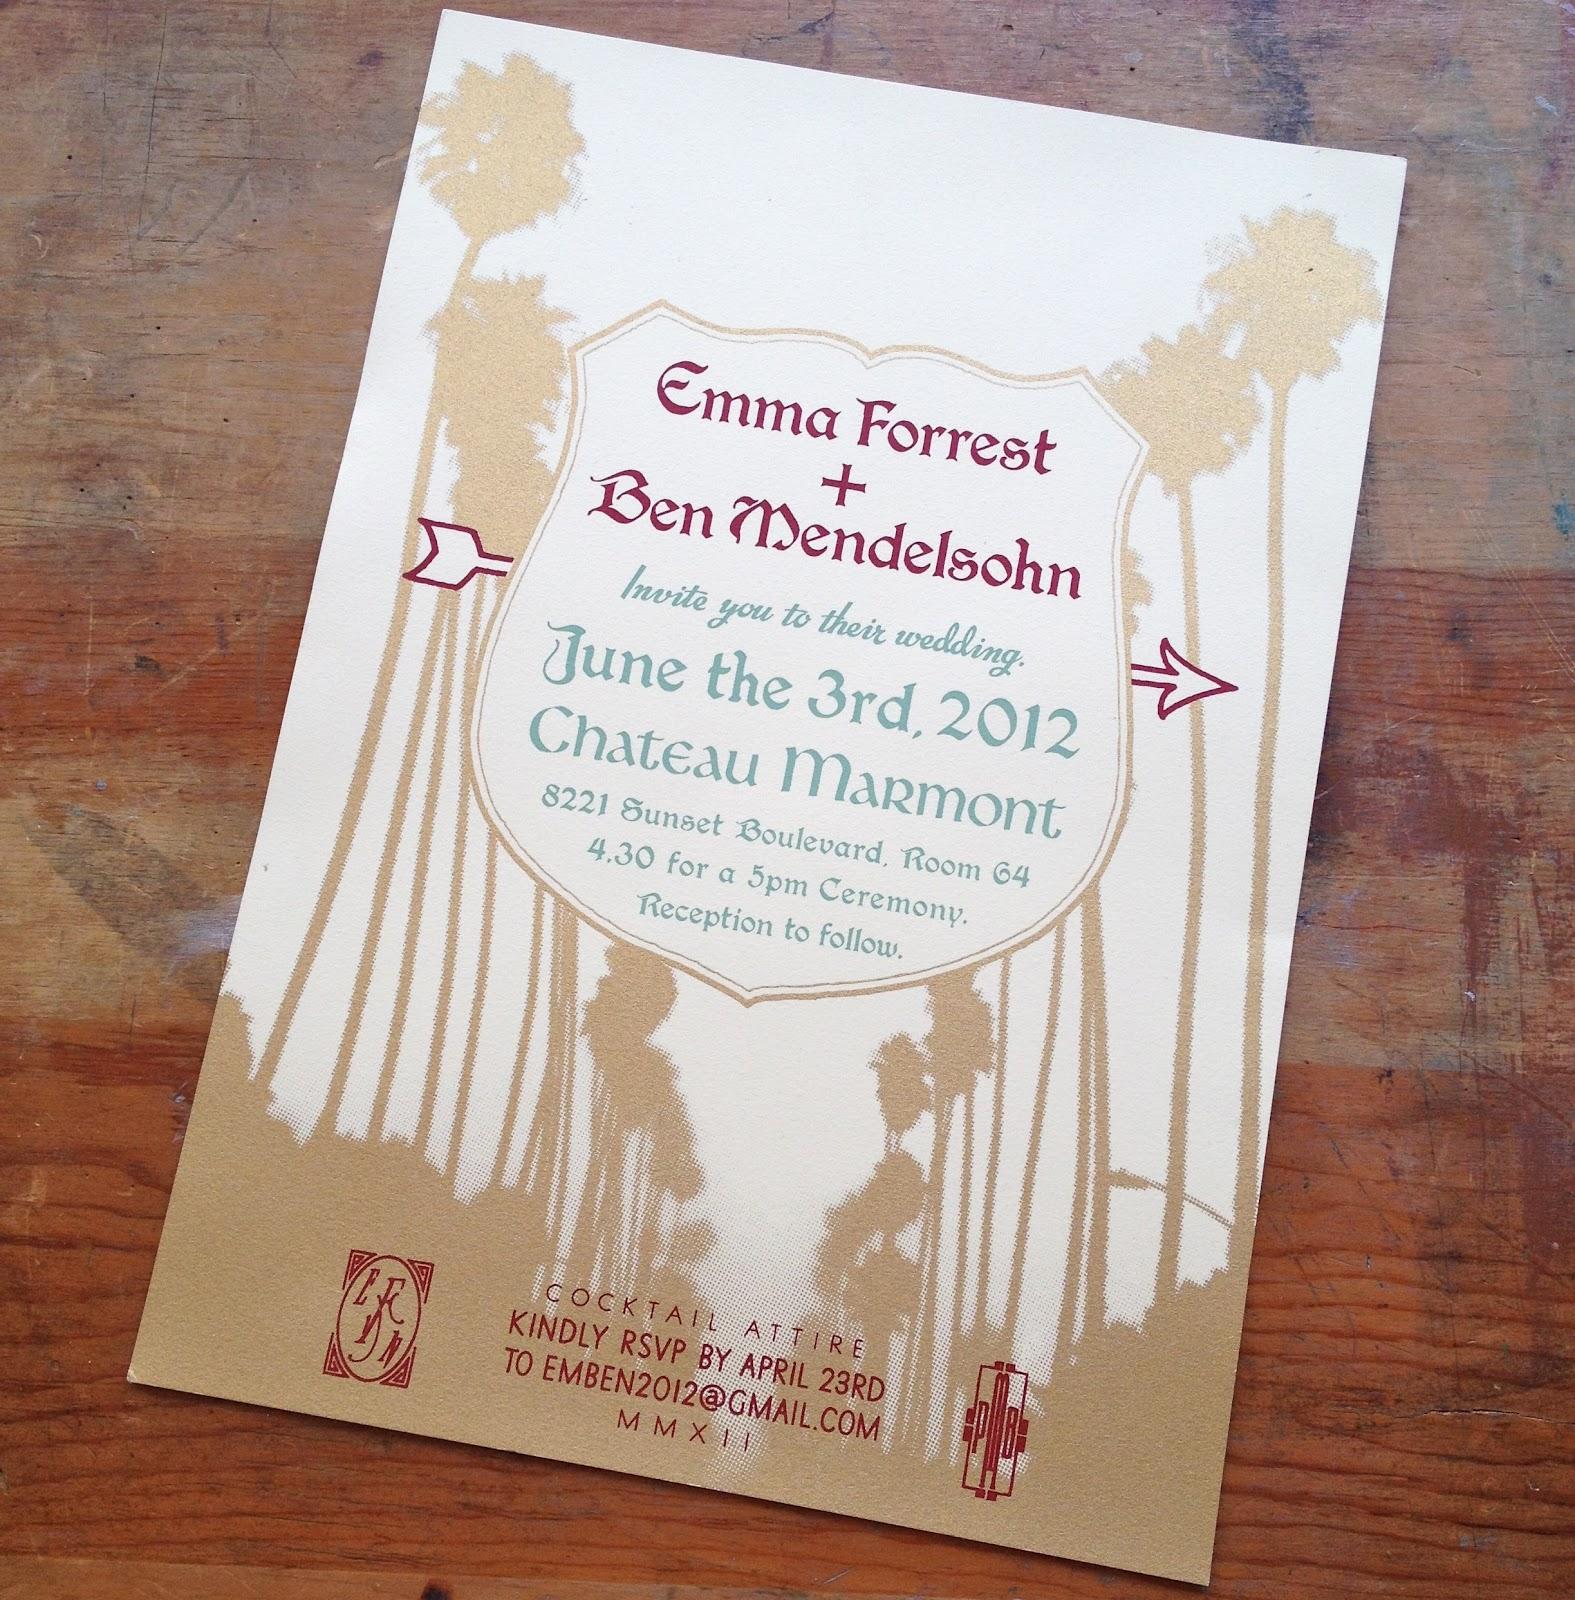 Emma Forrest Wedding